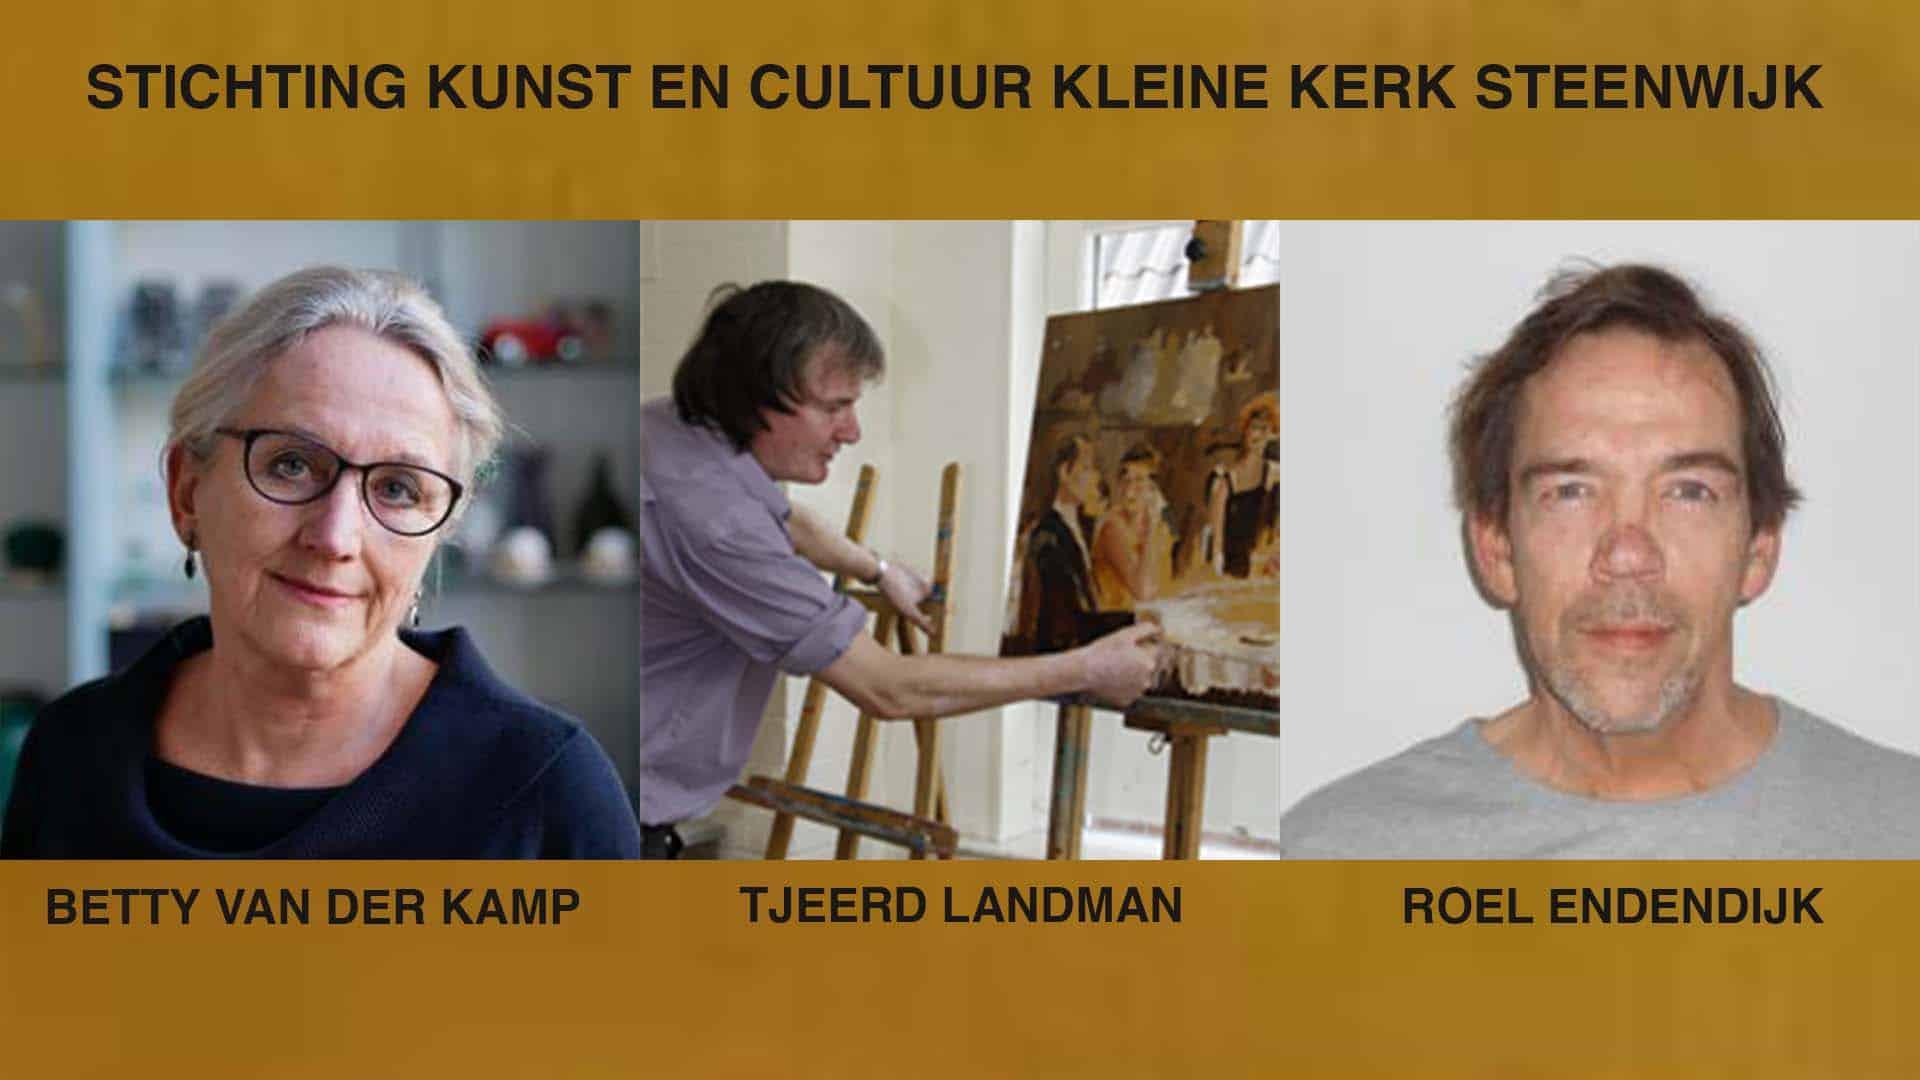 Stichting Kunst en Cultuur